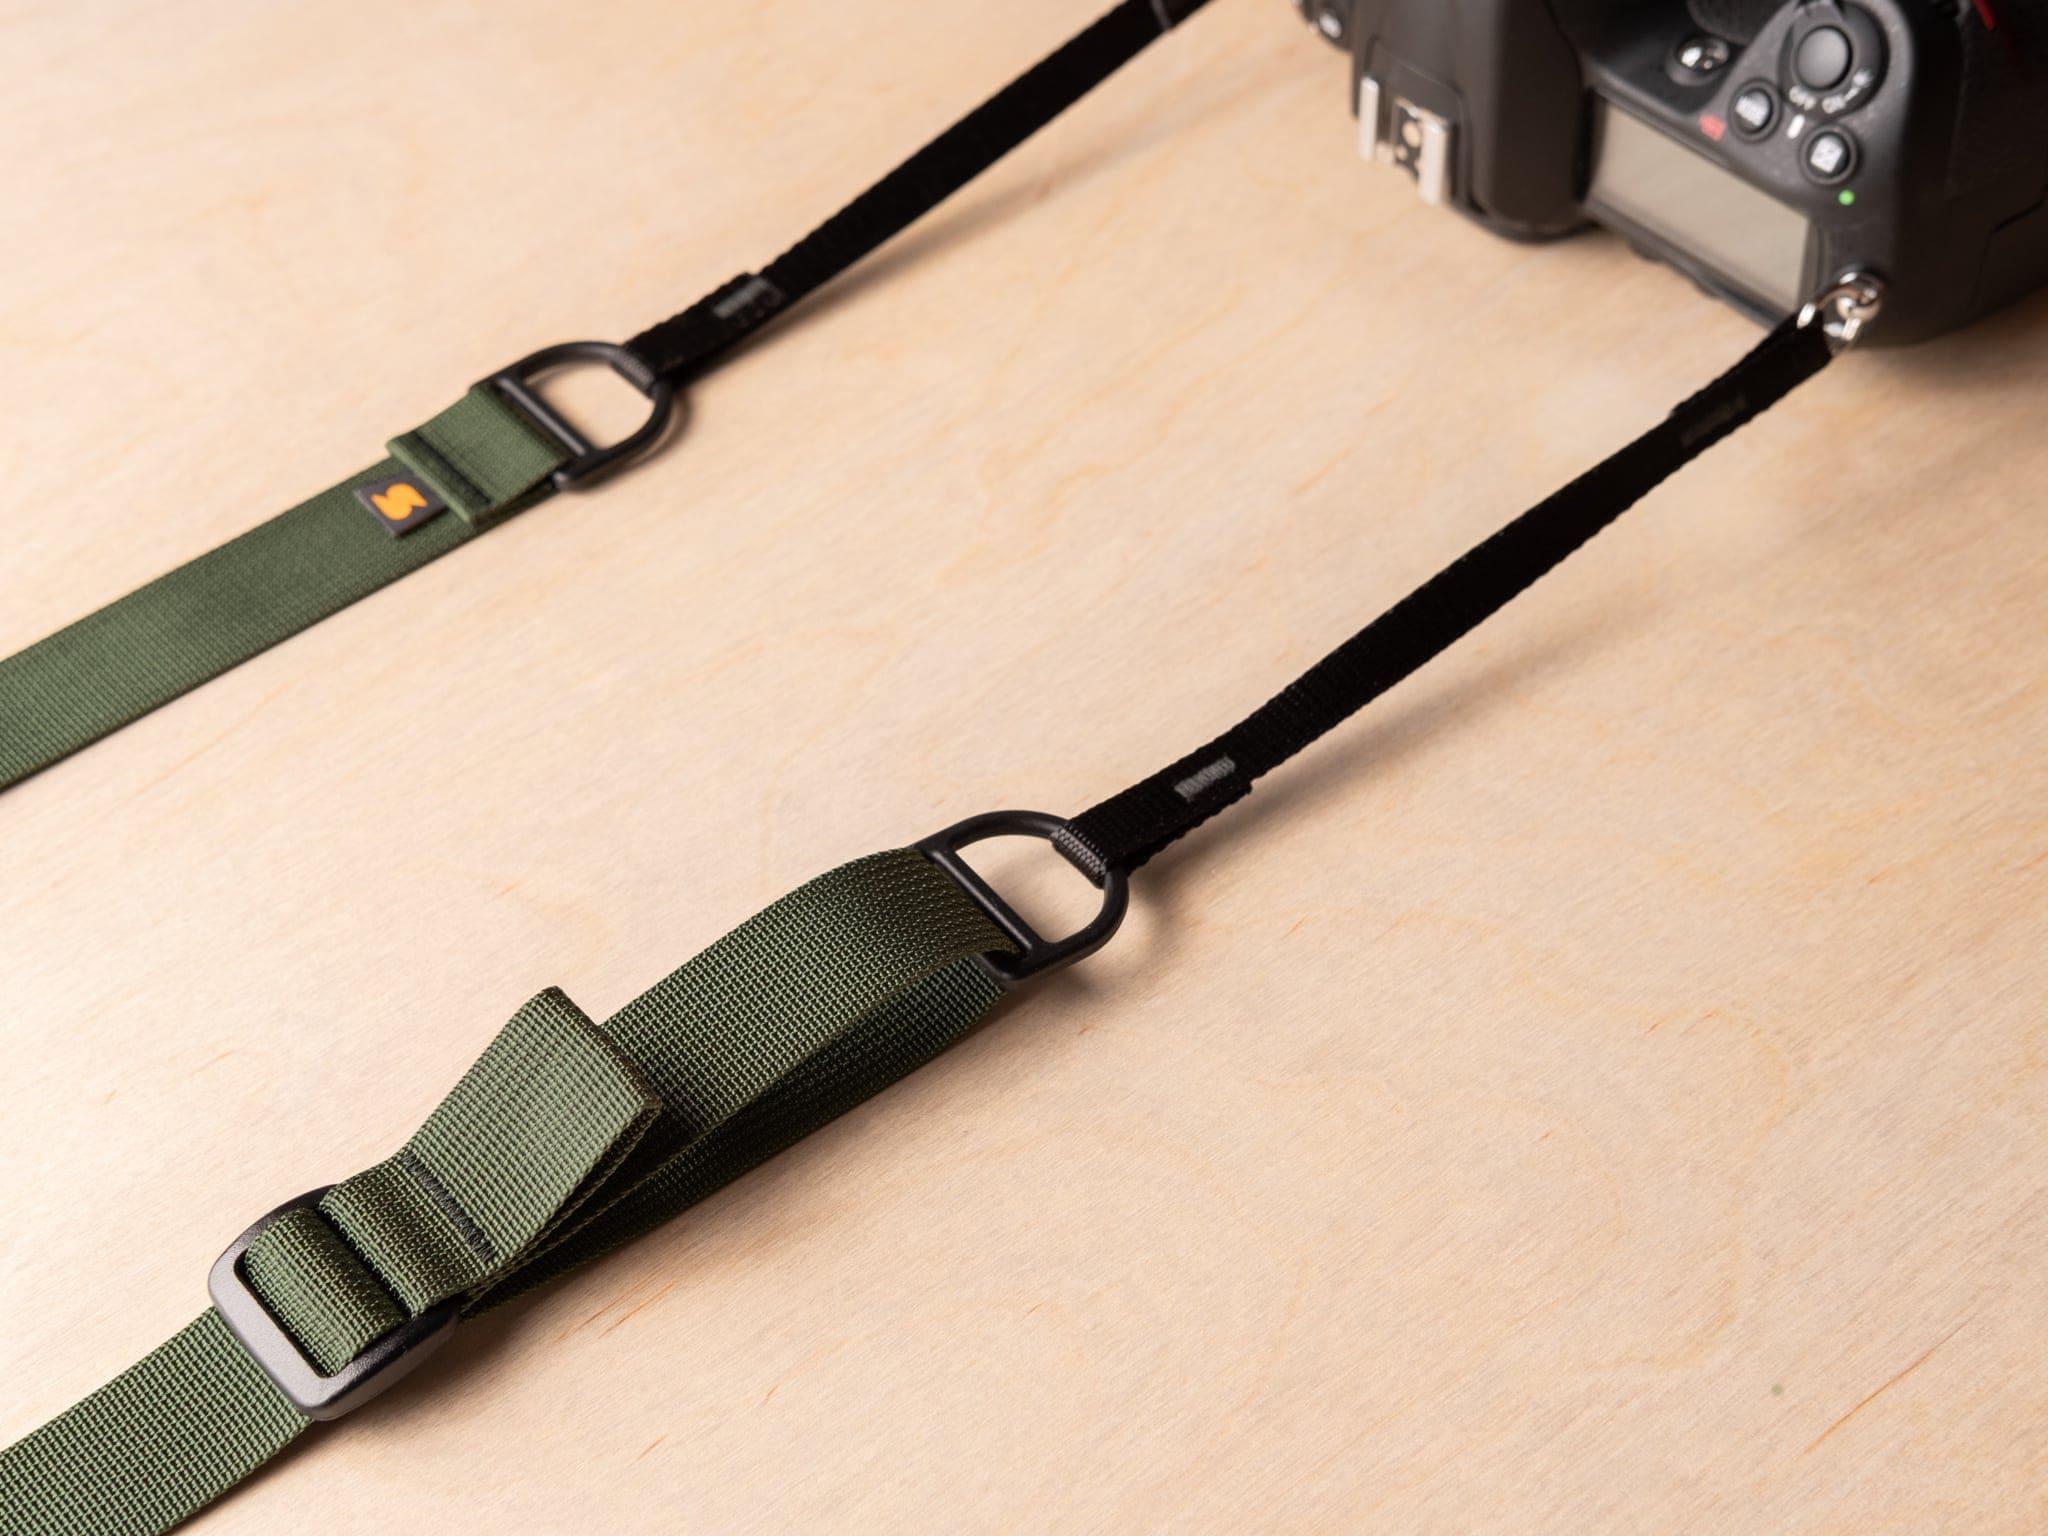 Bandoulière d'appareil photo F1 Simplr sur reflex numérique Nikon